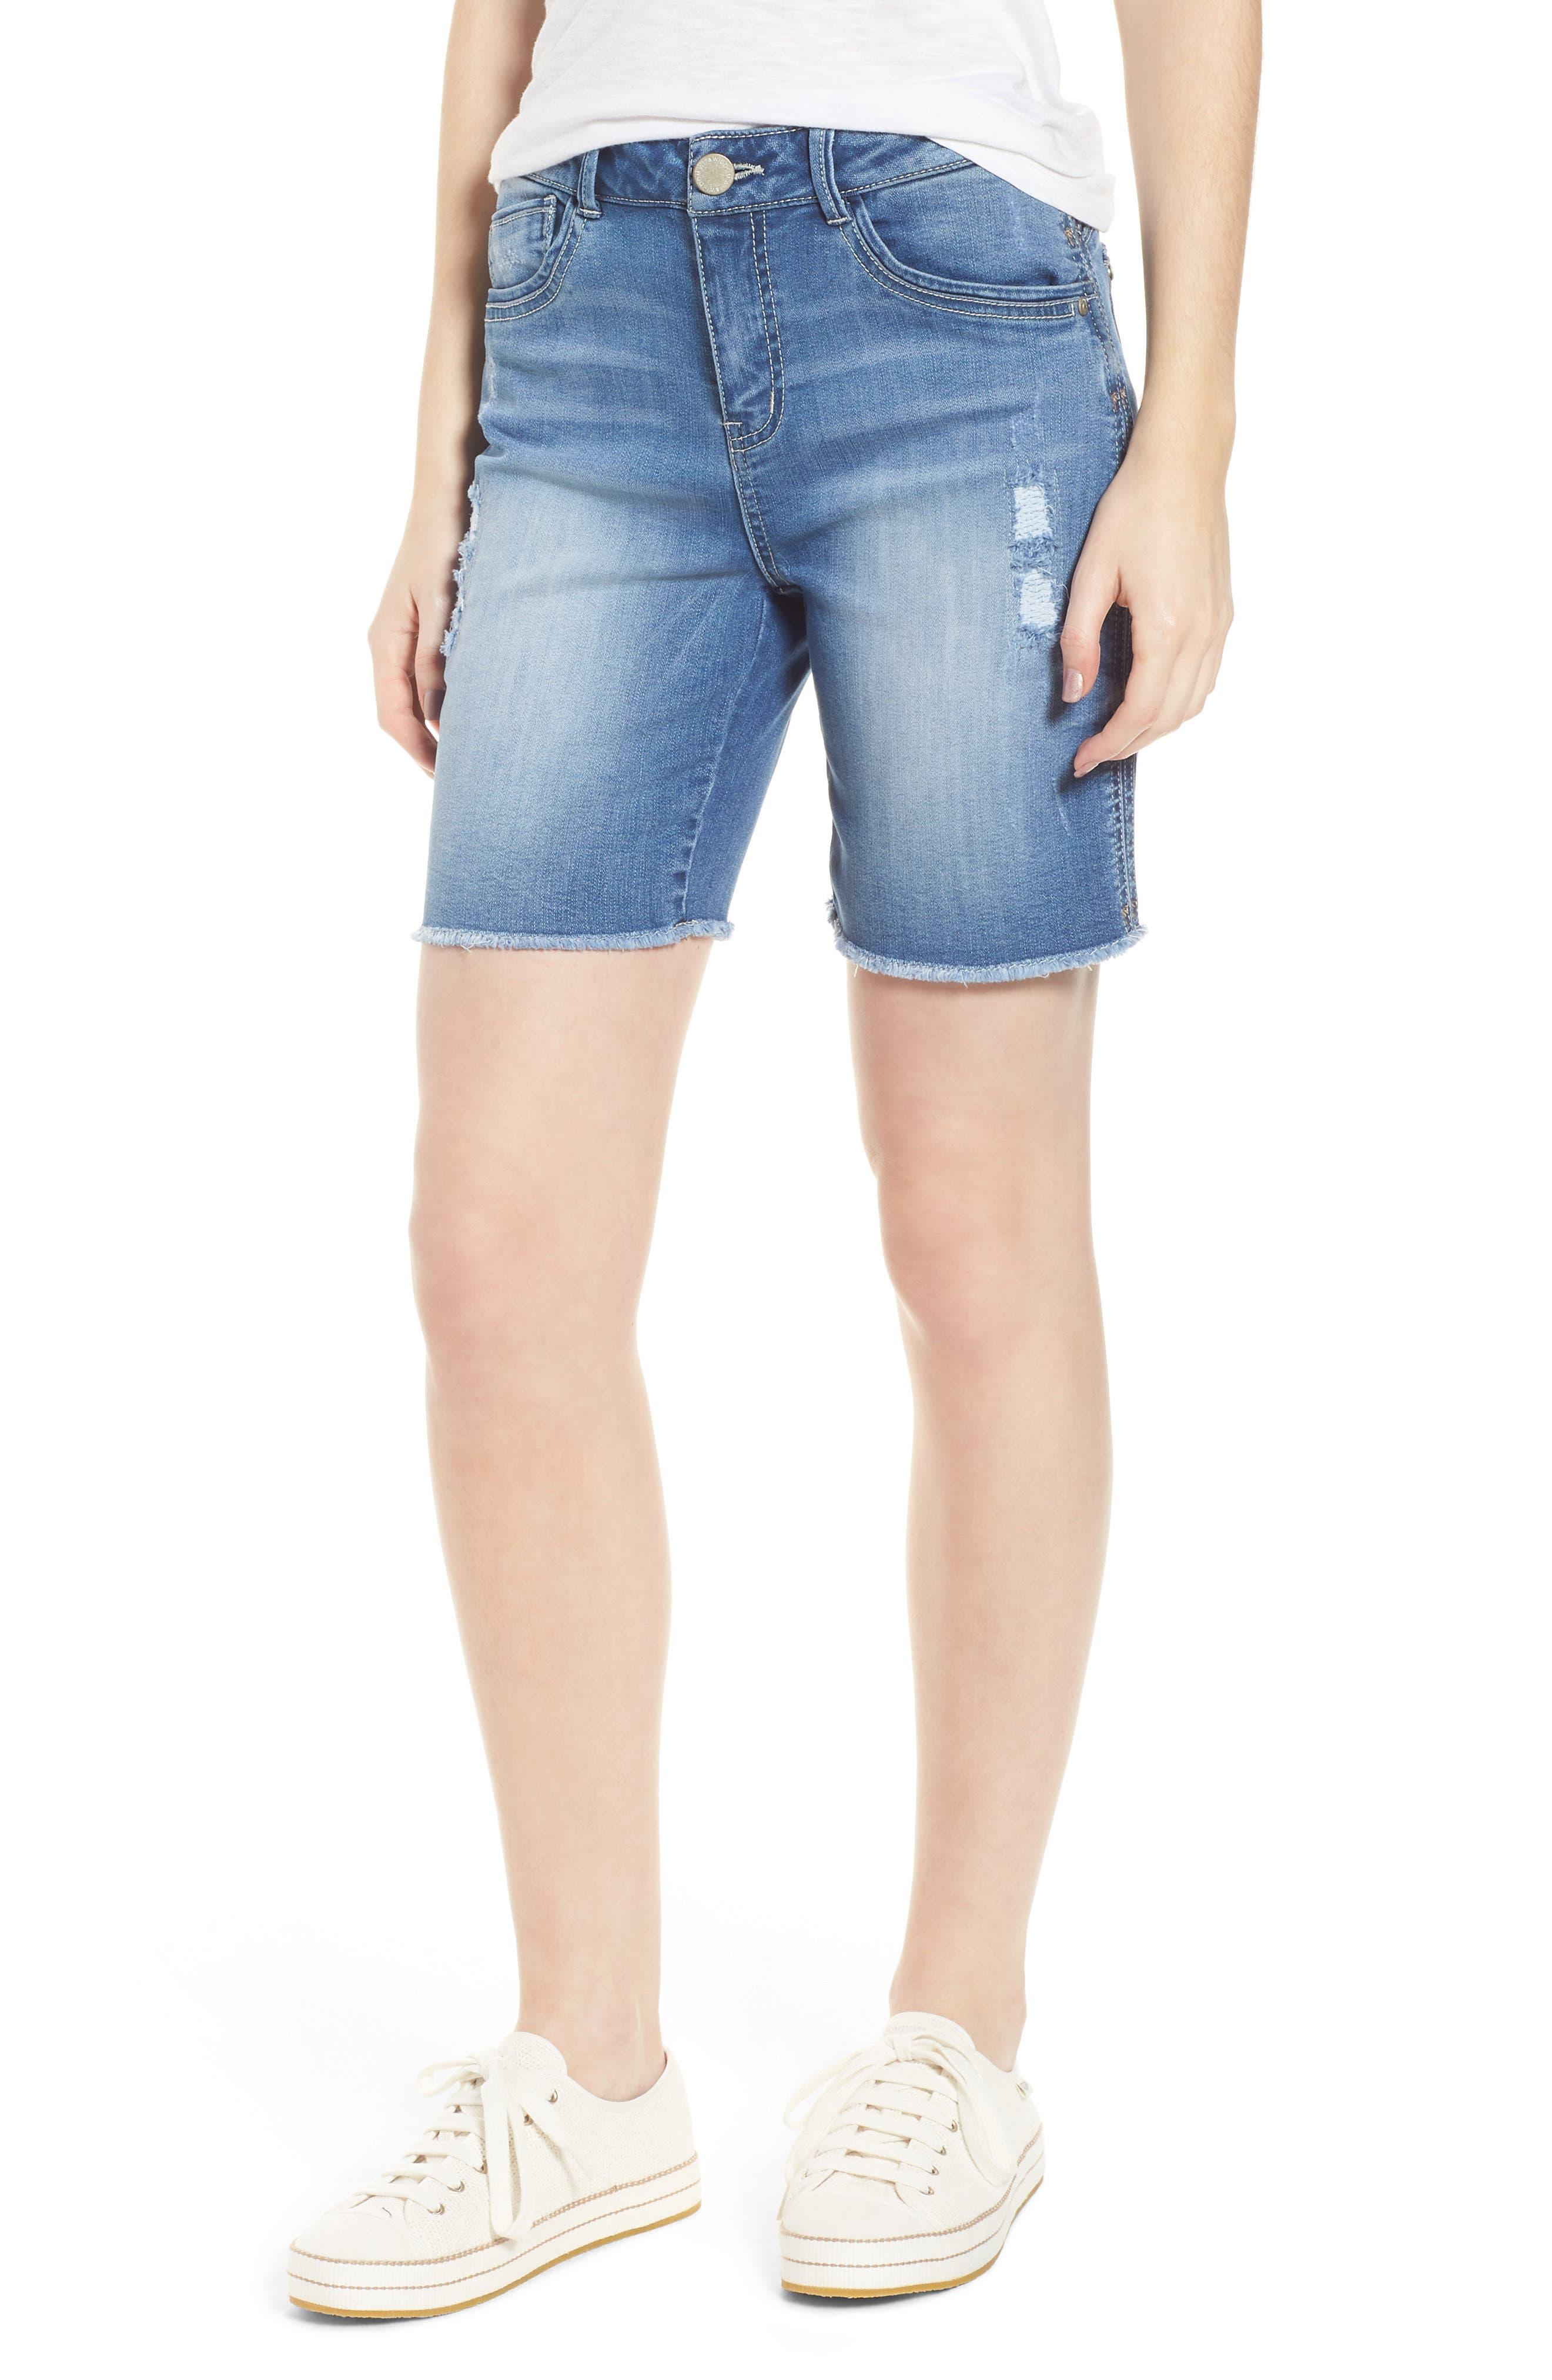 Flex-Ellent High Rise Denim Shorts,                         Main,                         color, Light Blue